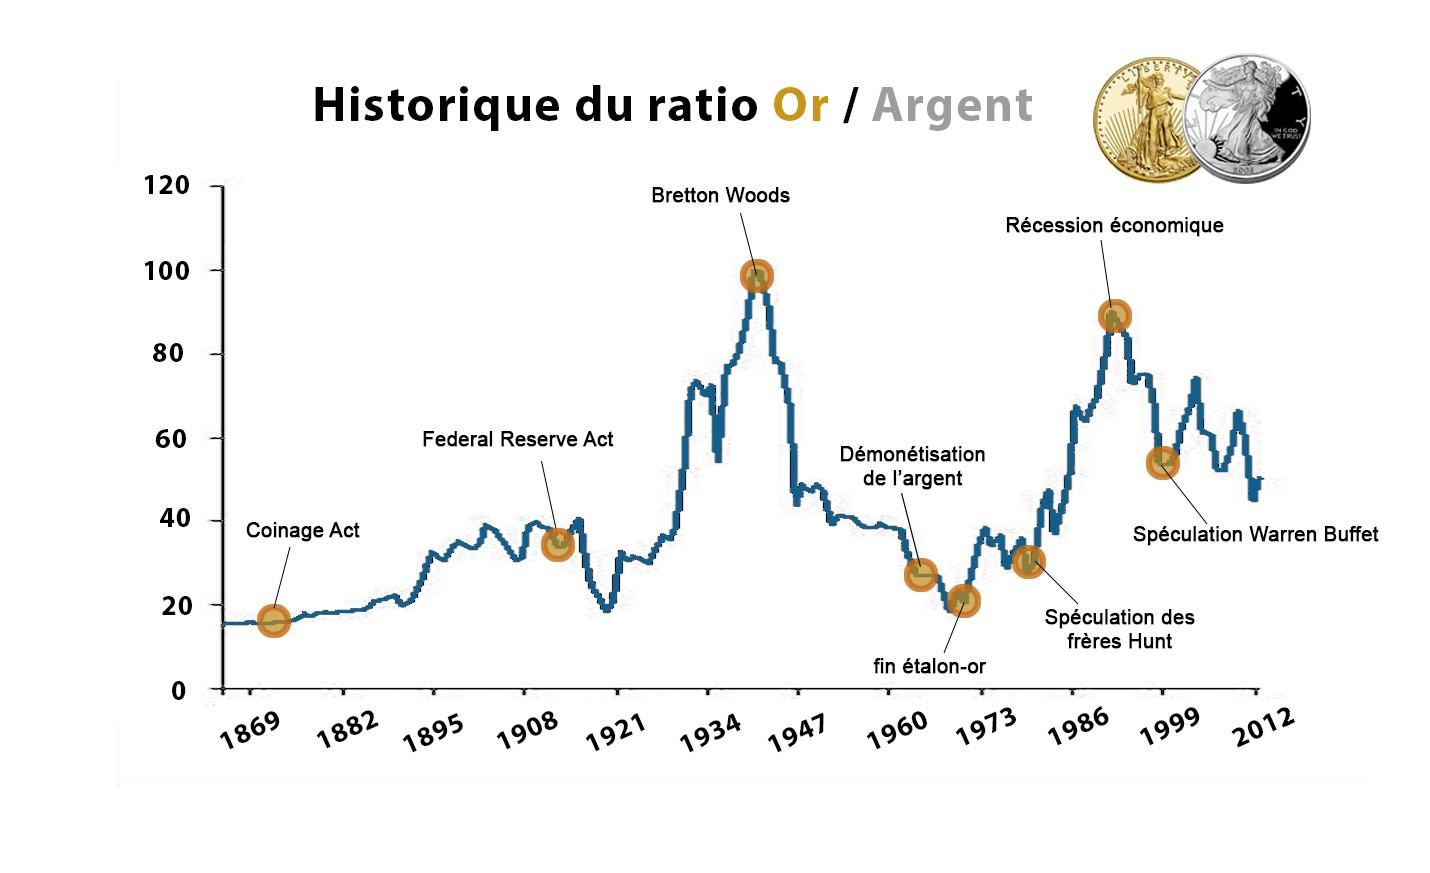 graphique historique ratio or argent